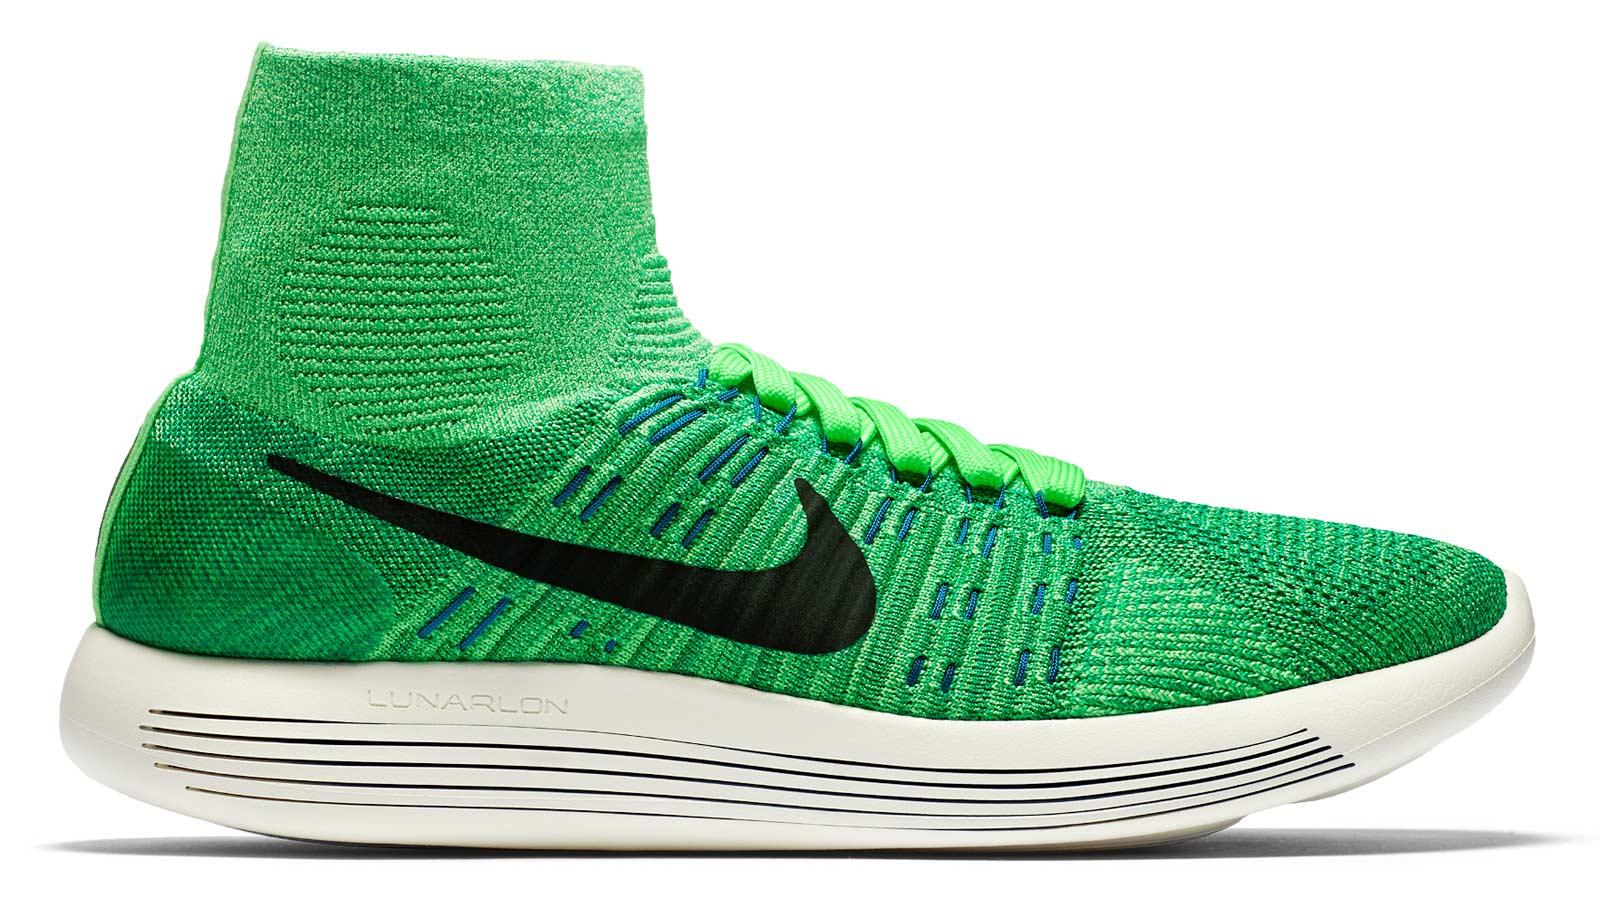 Nike Mercurial Running Shoes